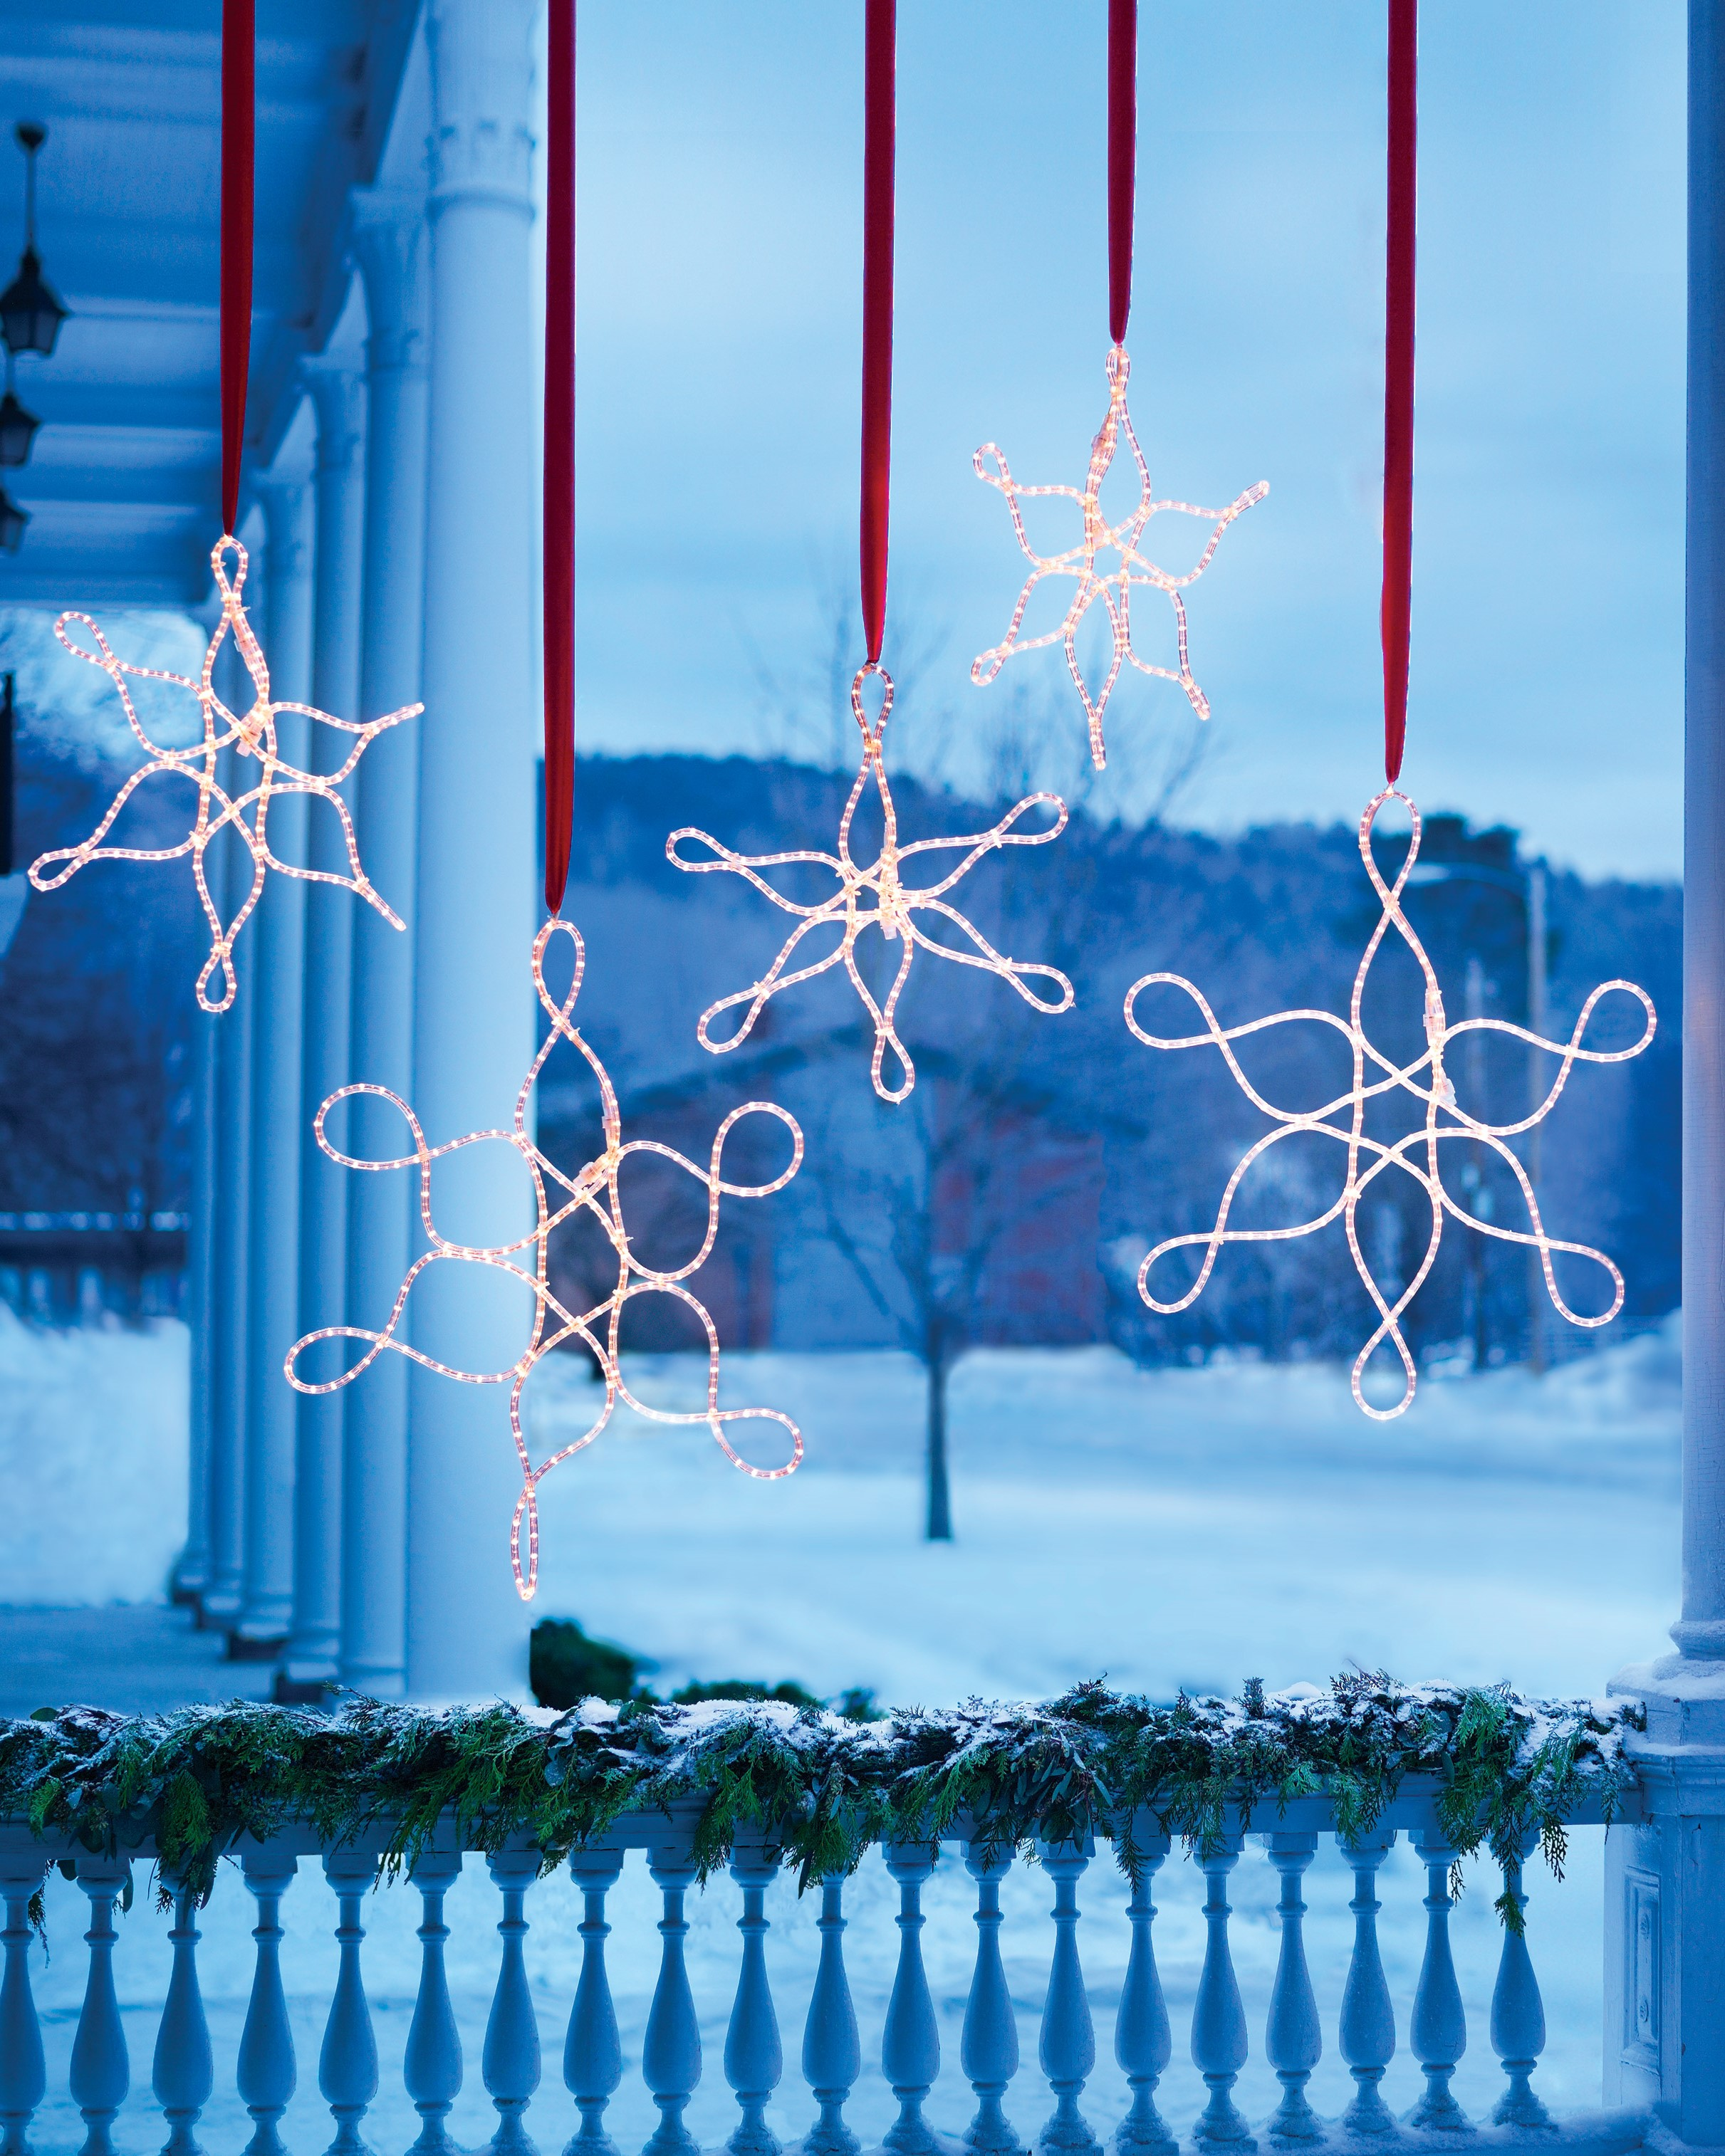 Décoration de Noël en plein air avec des flocons de neige.